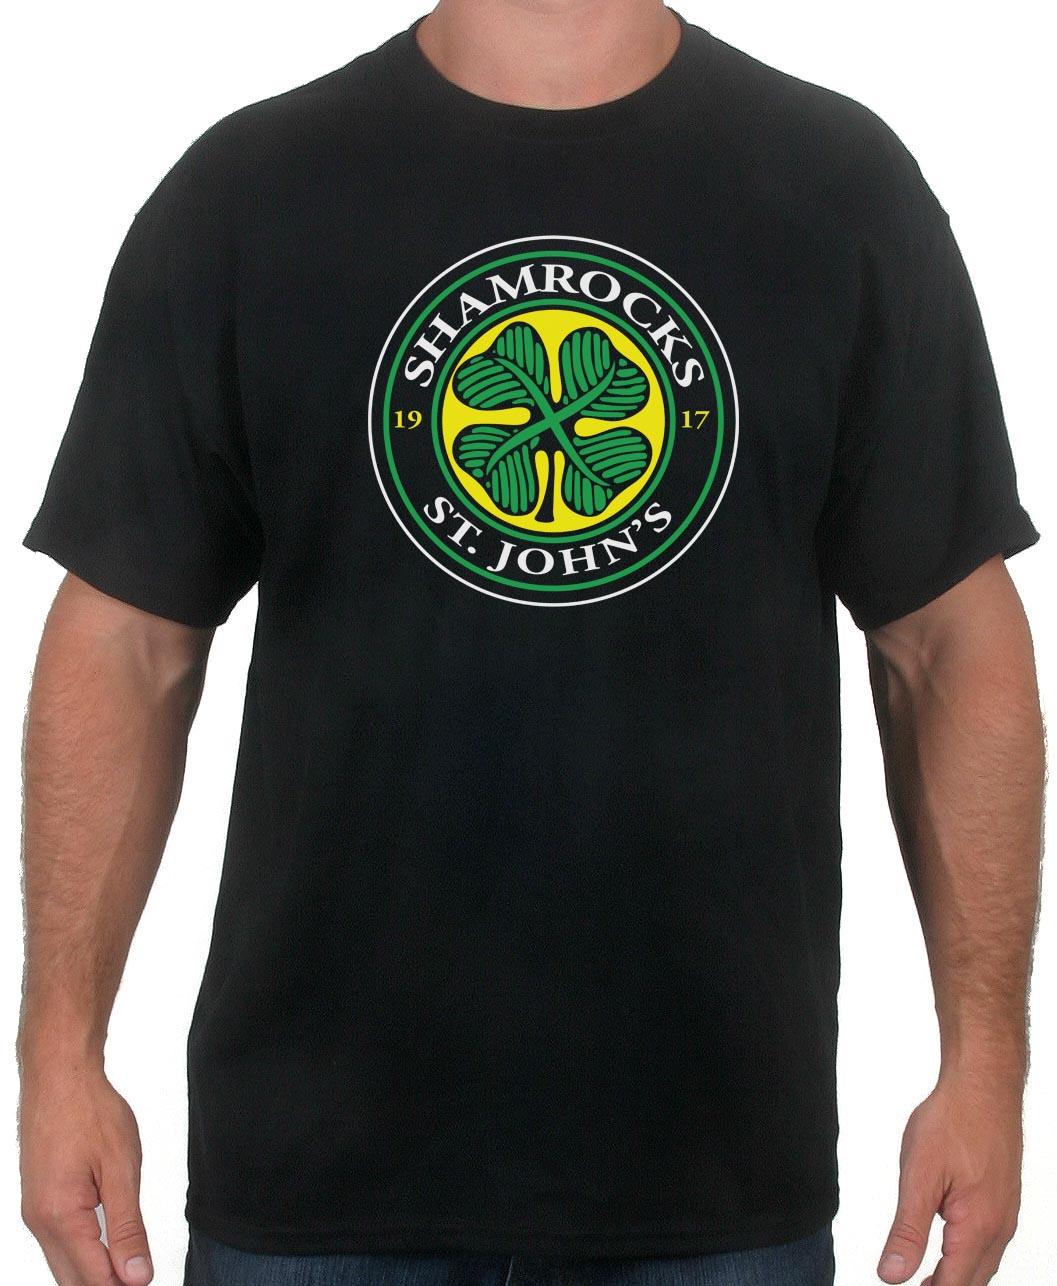 St. John's Shamrocks Hockey T-Shirt : Goon Movie